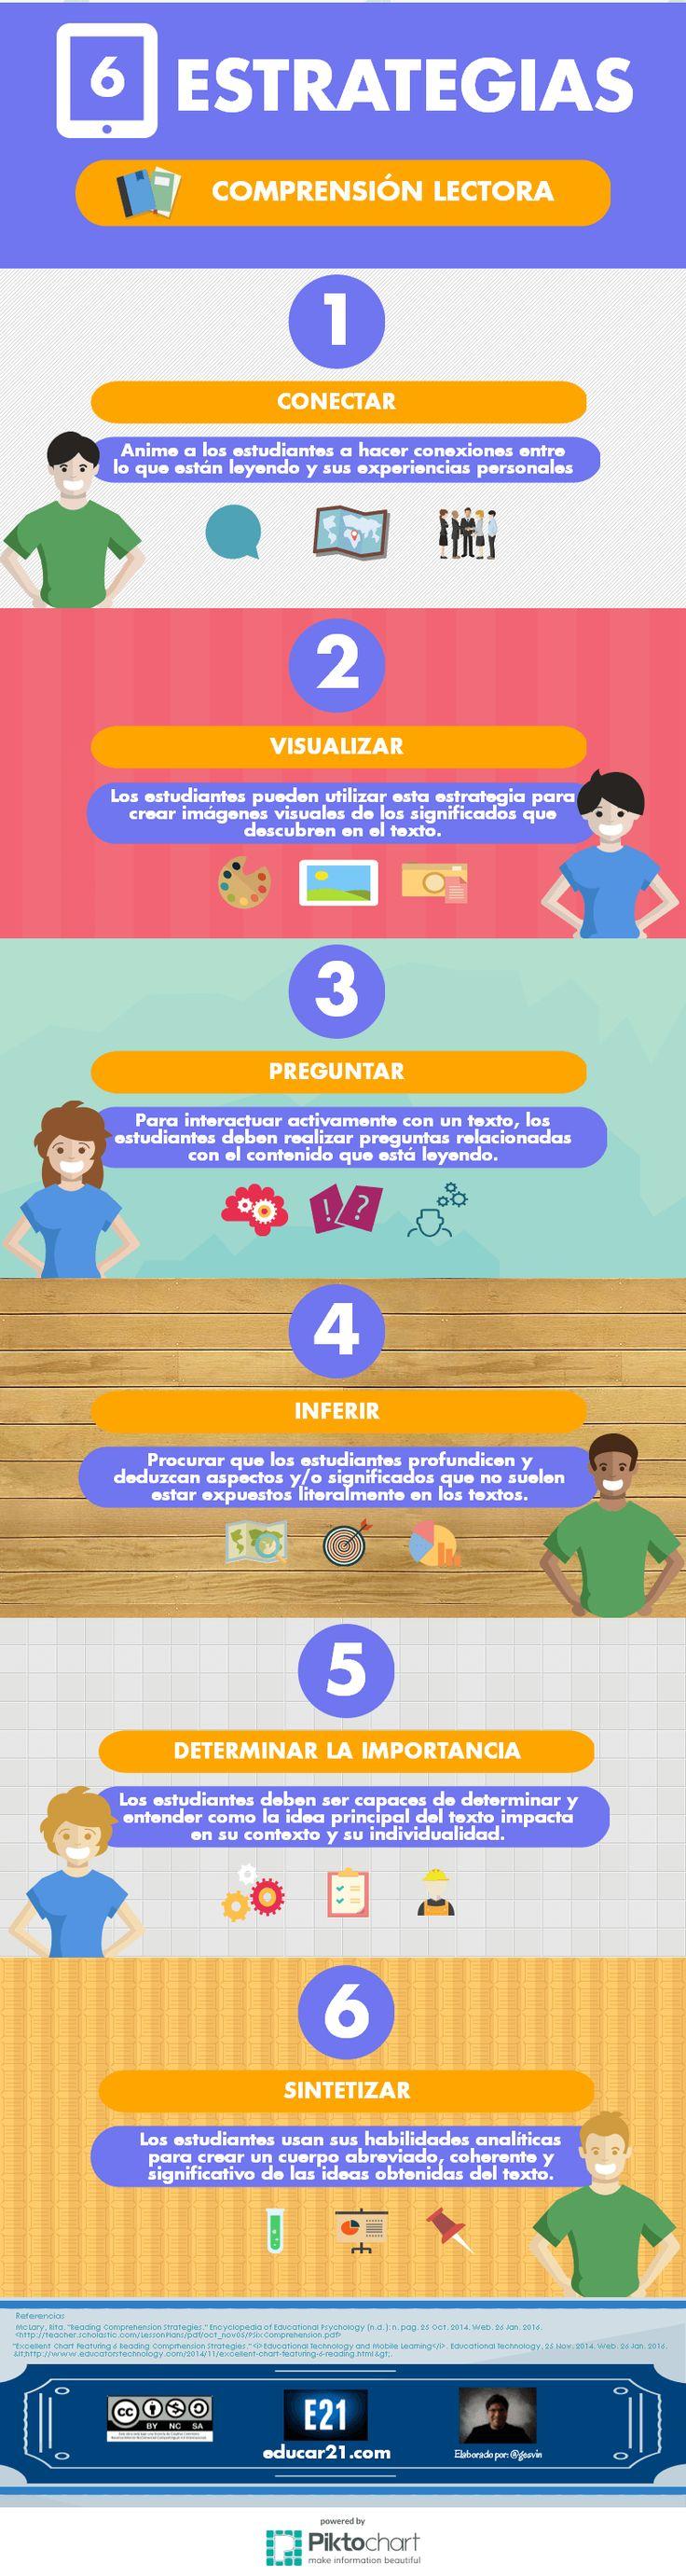 6 Estrategias Efectivas para Desarrollar la Comprensión Lectora | #Artículo #Educación